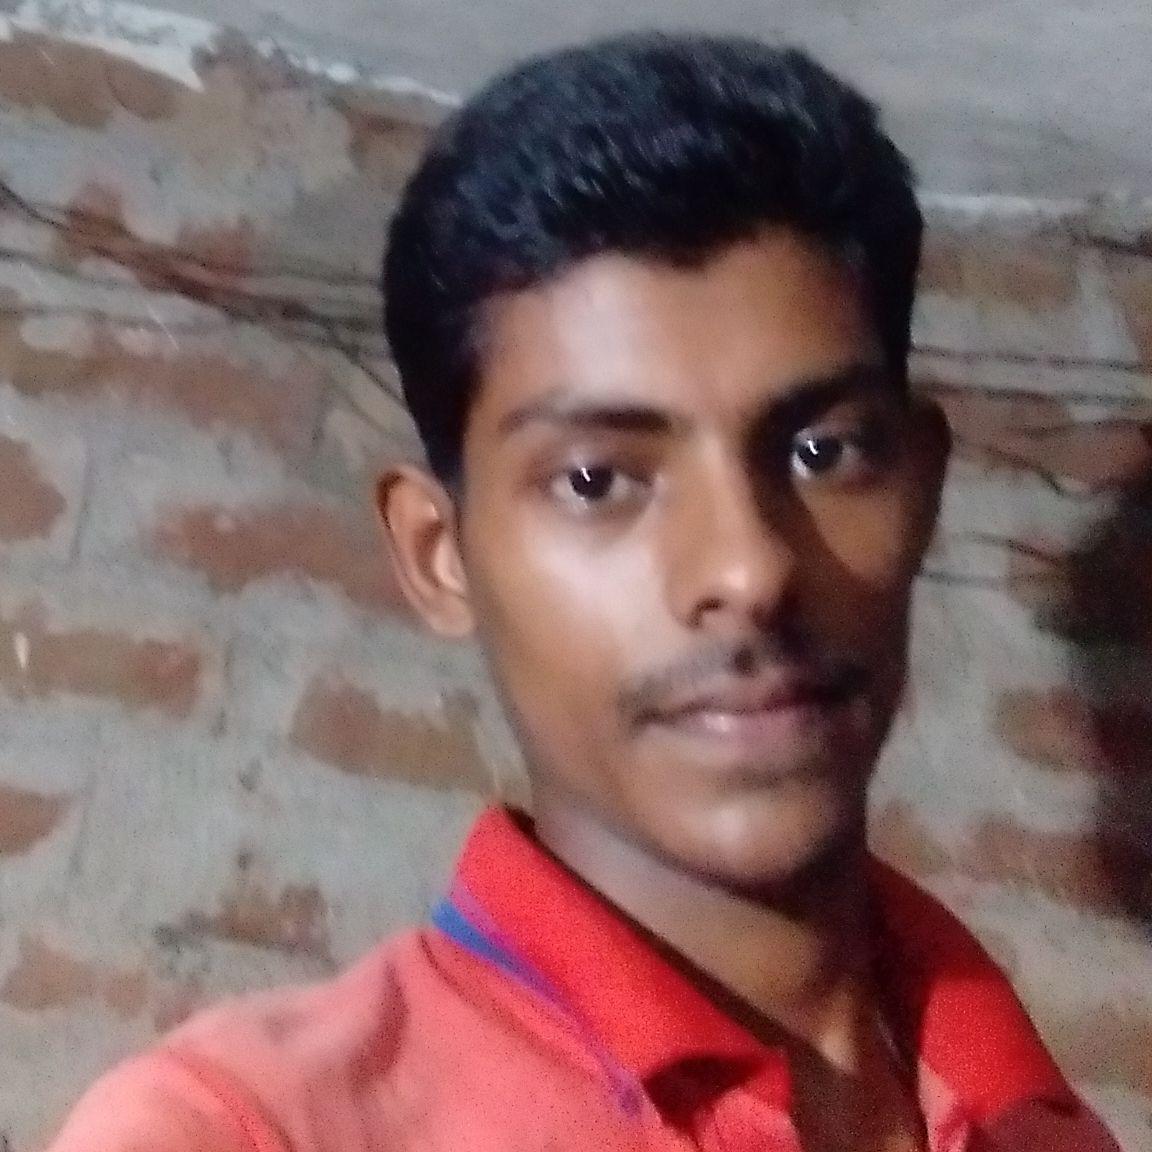 1C4GBRVR3T8rajiv Kumar